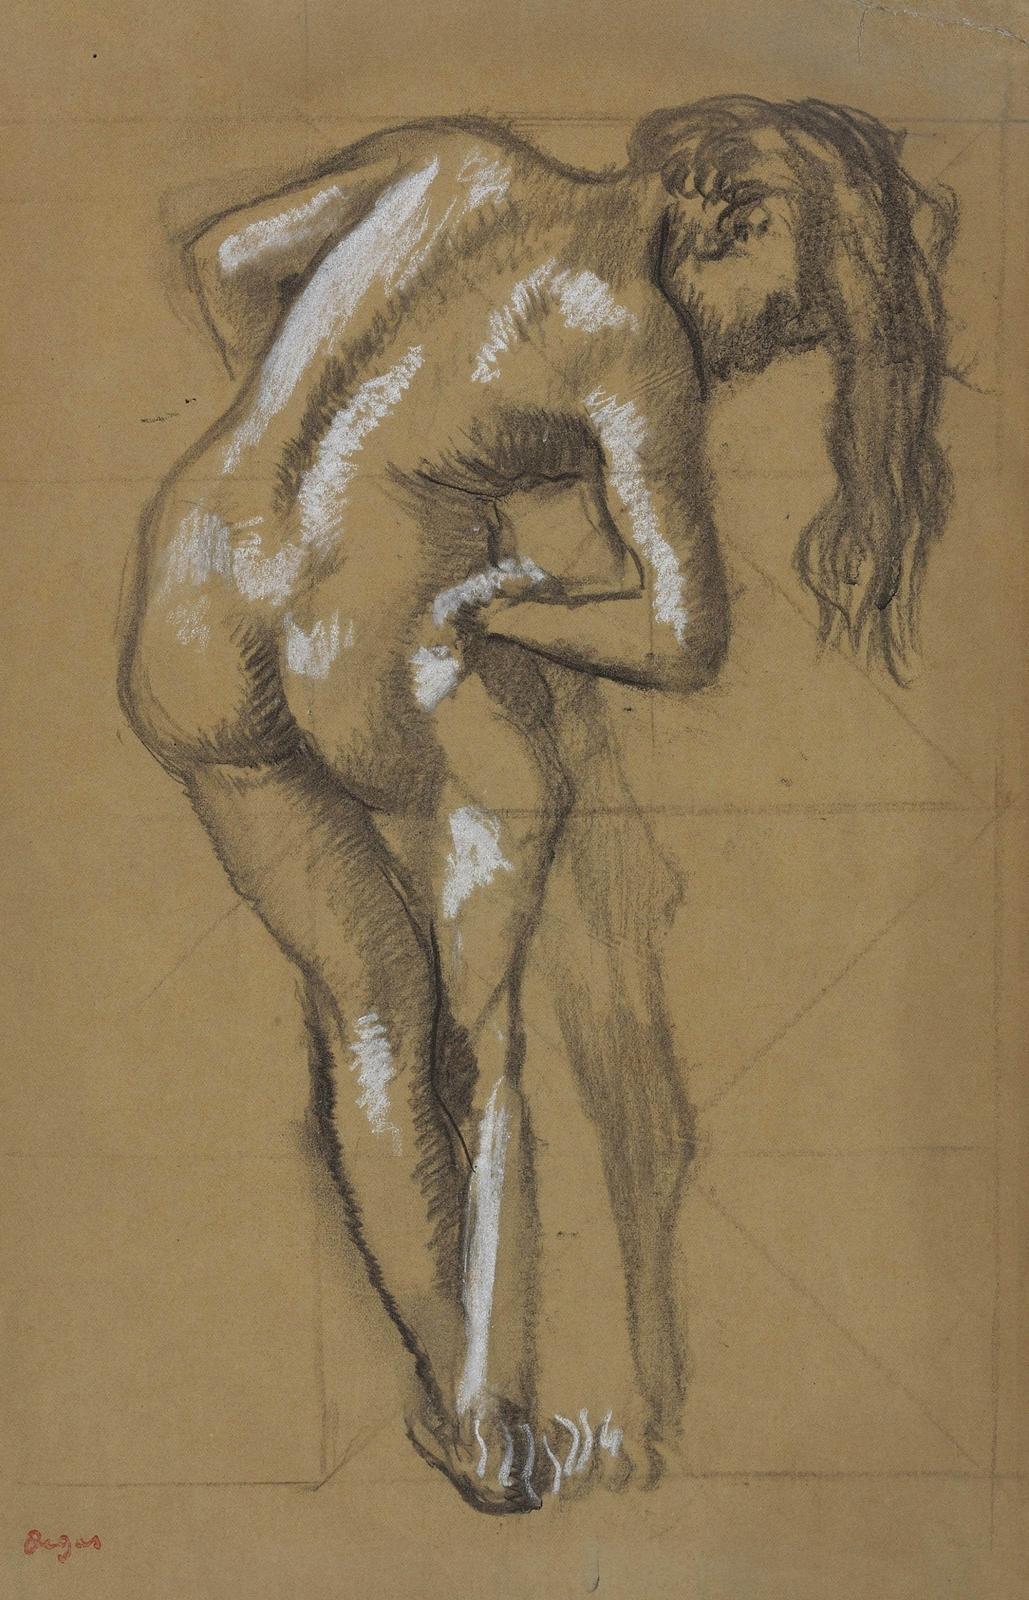 Эдгар Дега. После купания, вытирающаяся женщина (Apres le bain, femme s'essuyant). 41.9 х 26.4. Бумага на картоне, уголь с подмалевком белым. Частная коллекция.